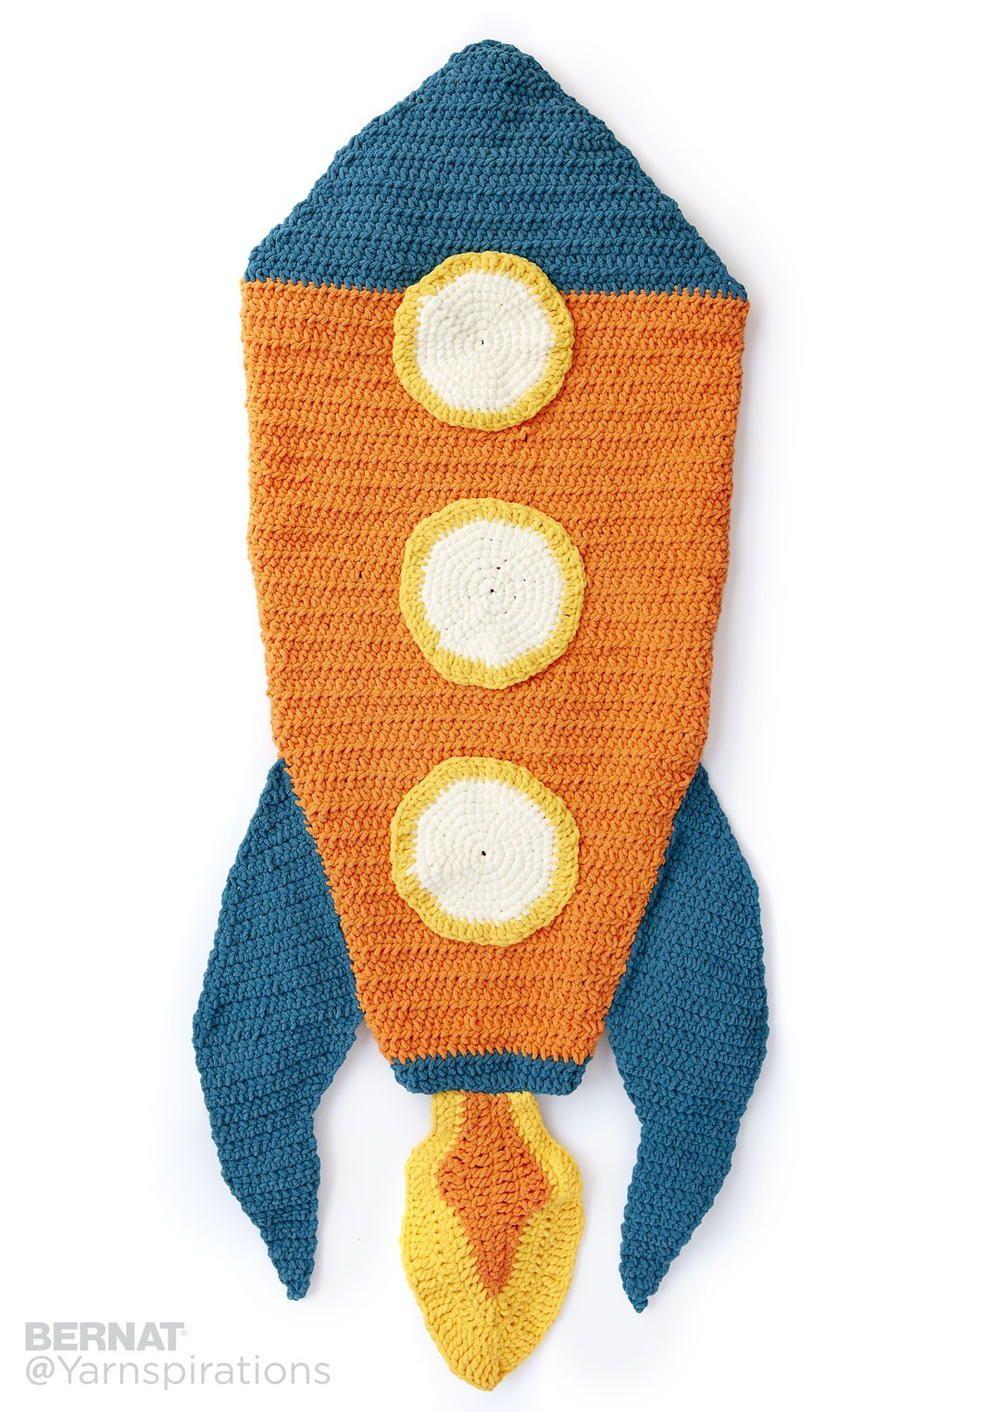 Blast Off Crochet Snuggle Sack | Mantas sirena, Manta y Cola de sirena